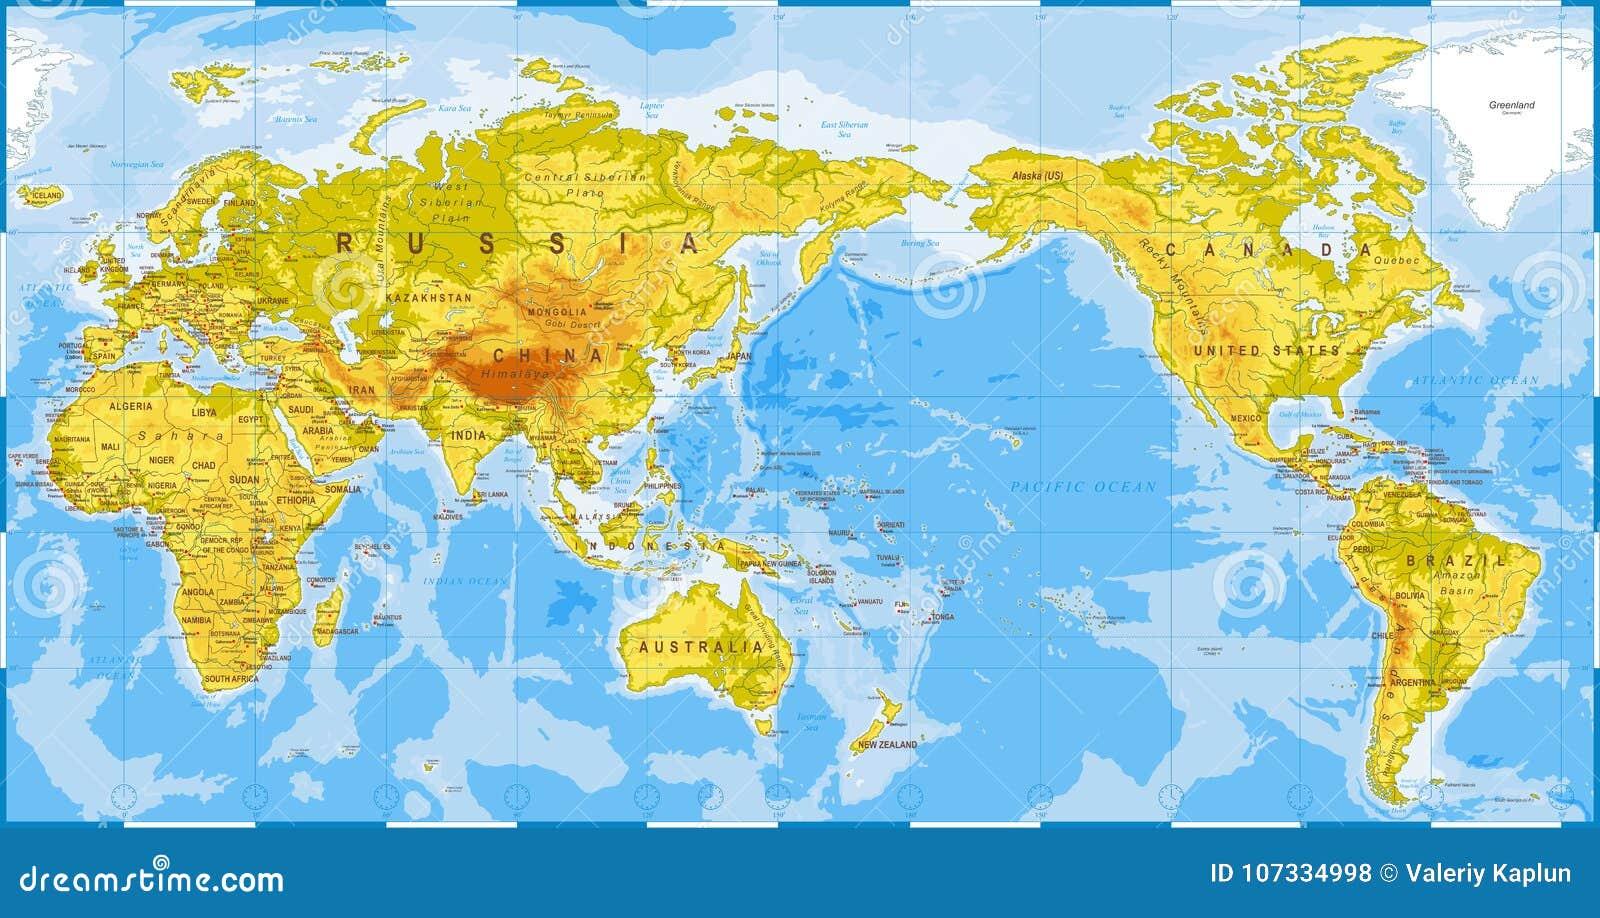 Map Of China And Japan China Japan Map